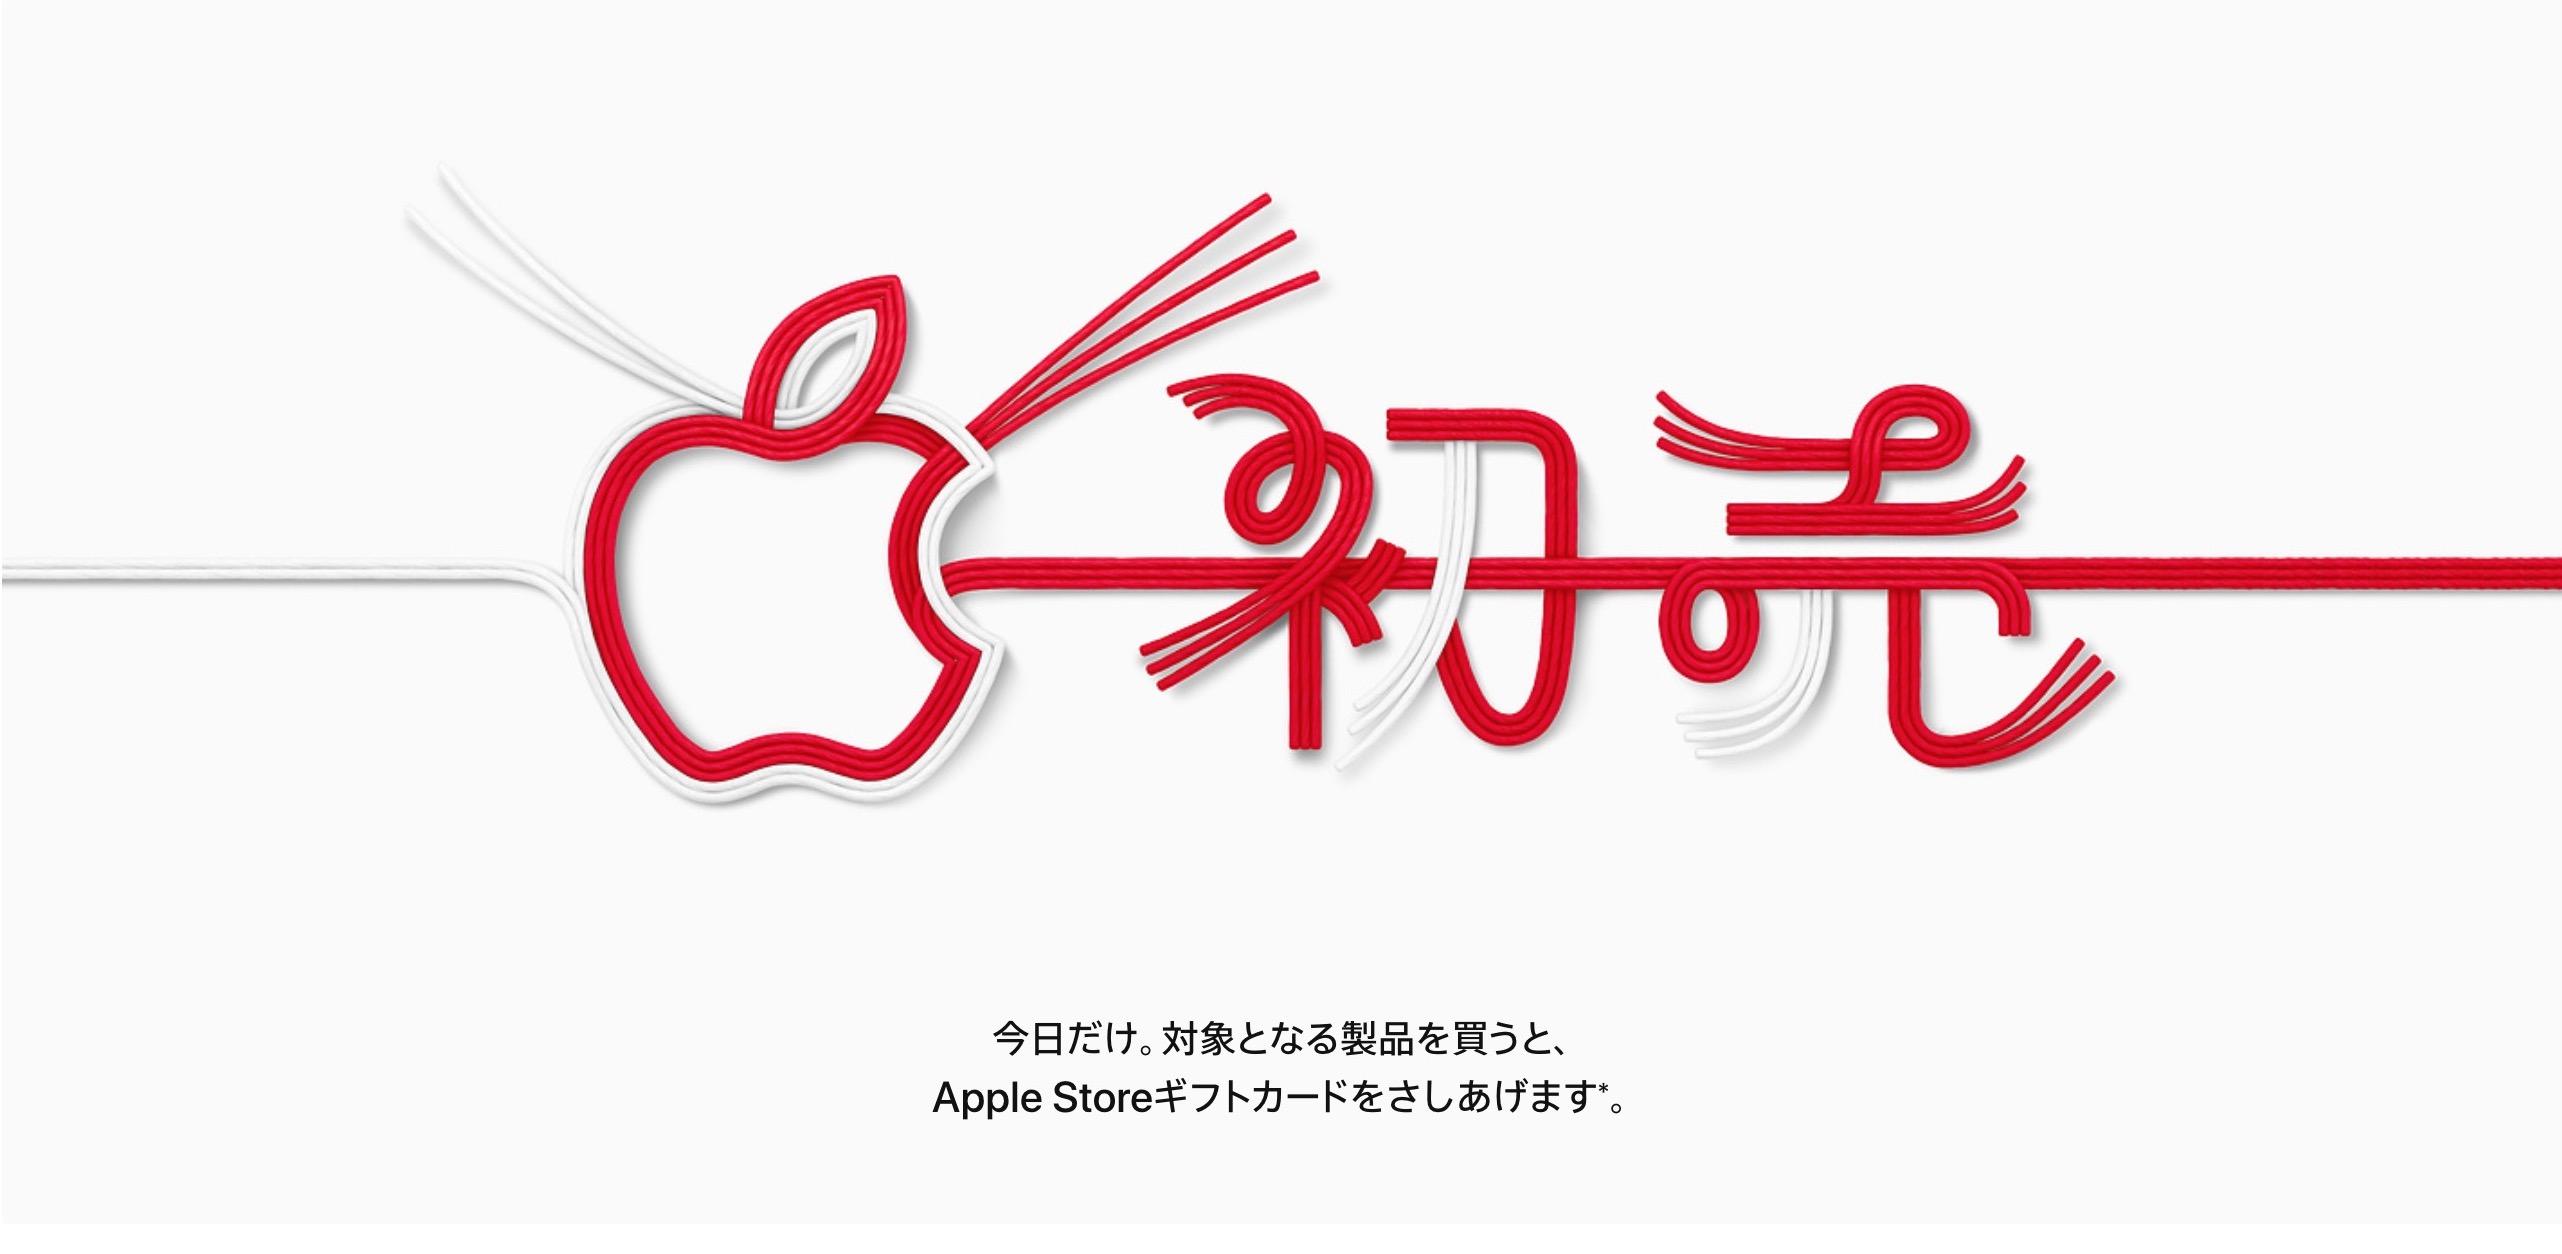 Apple、2019年の初売り開始!福袋なし・最大2.4万円分のギフトカードをプレゼント